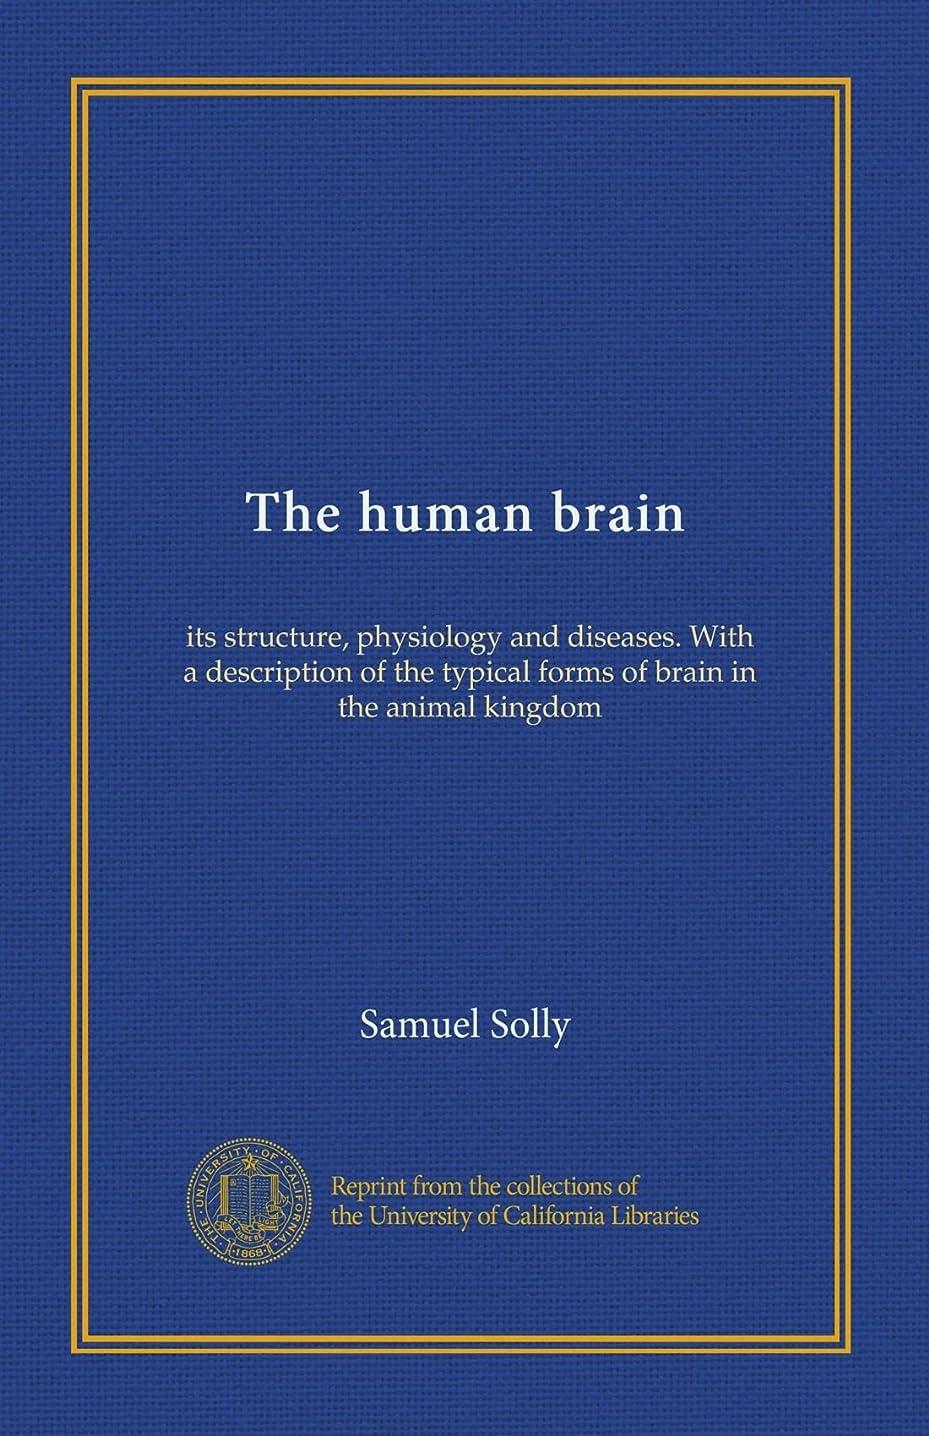 特権変なバーゲンThe human brain: its structure, physiology and diseases. With a description of the typical forms of brain in the animal kingdom